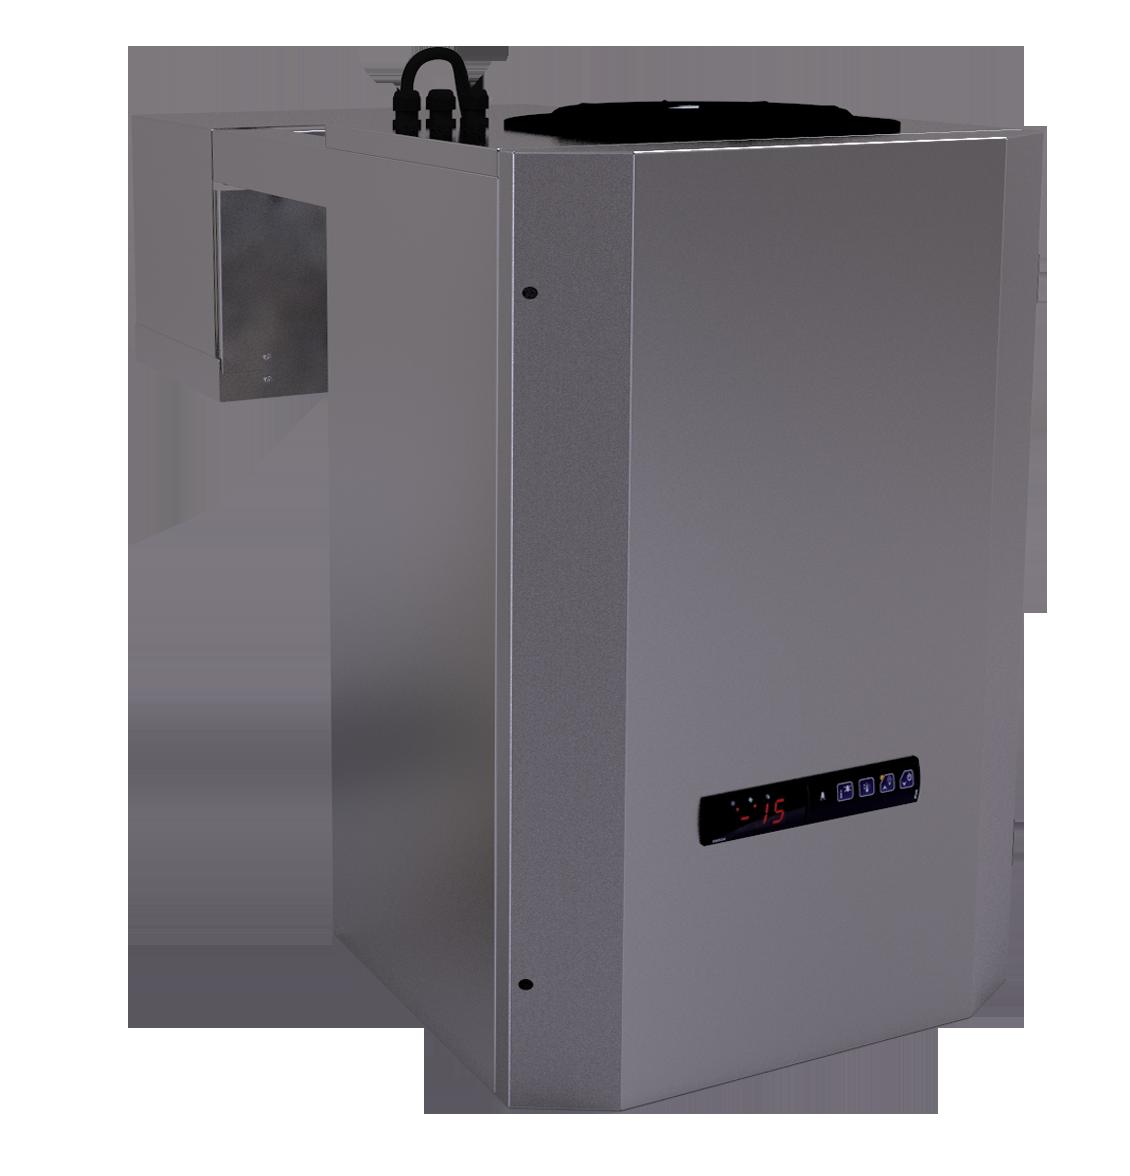 Kühlaggregat Zinser ECO-Line S (früher HPN 20 / HPN 30)